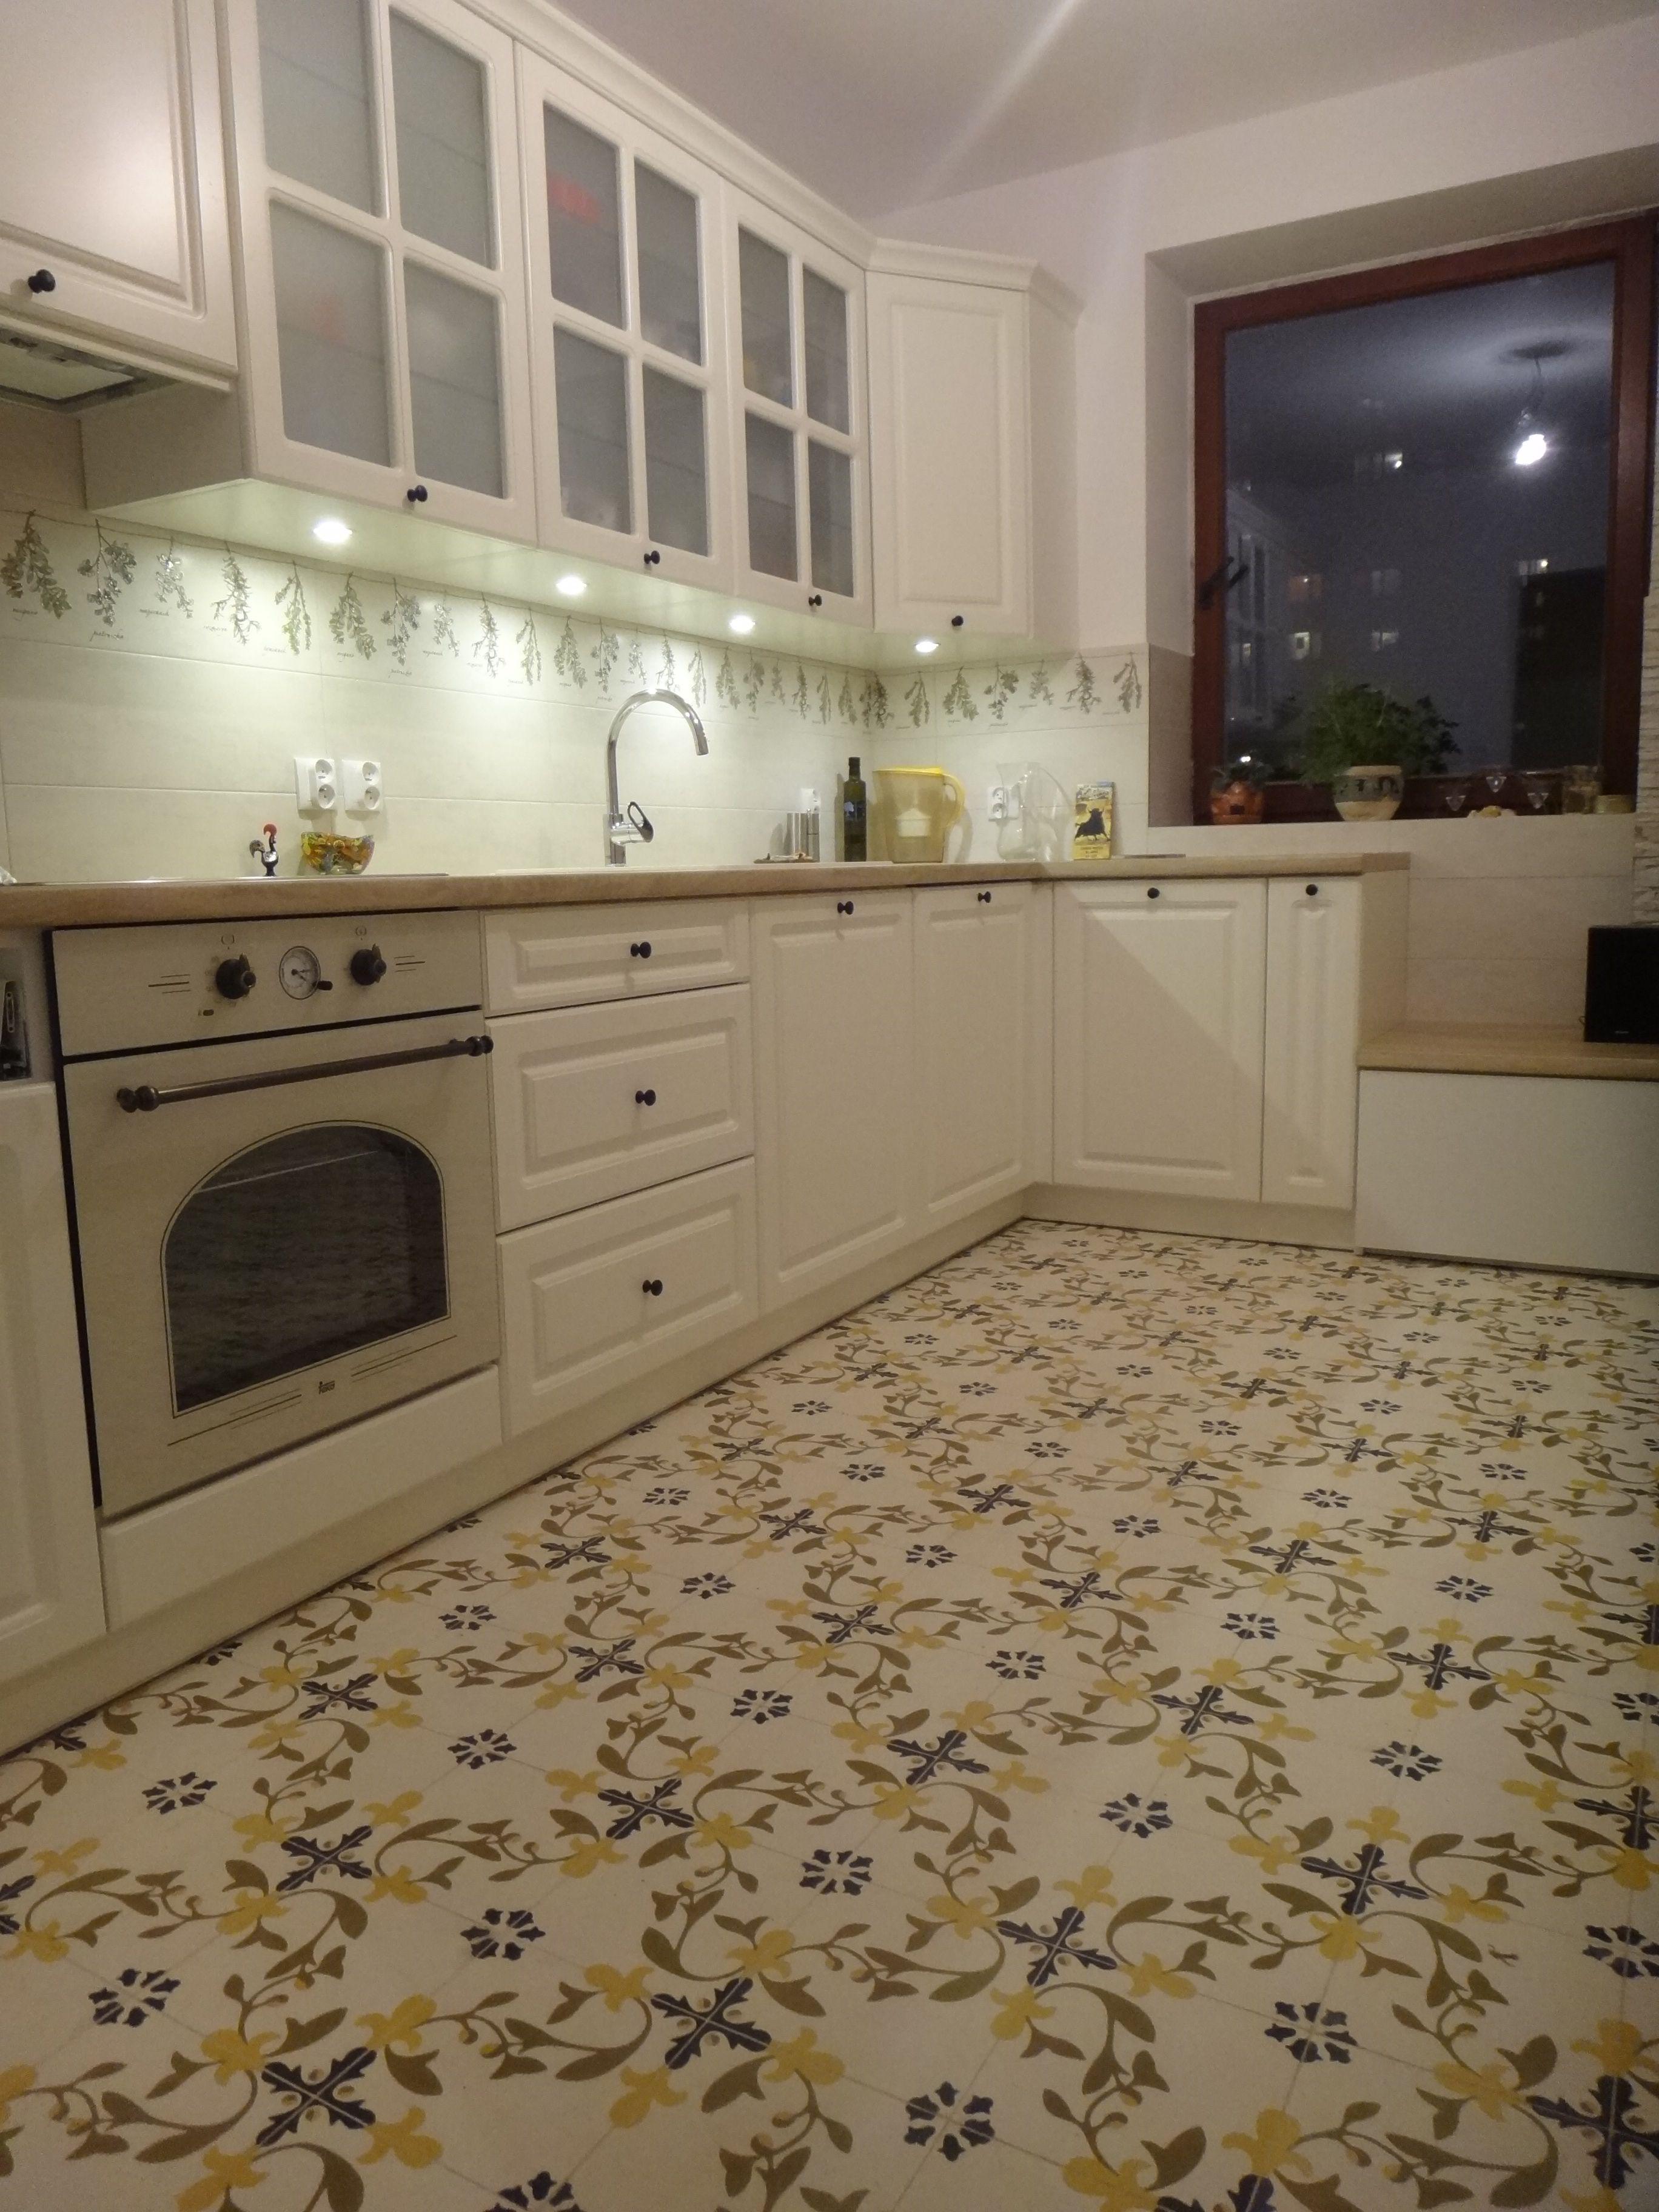 Ewa Frydrychowicz Kuchnia Wylozona Plytkami Cementowymi Cristiano Kitchen Home Decor Decor